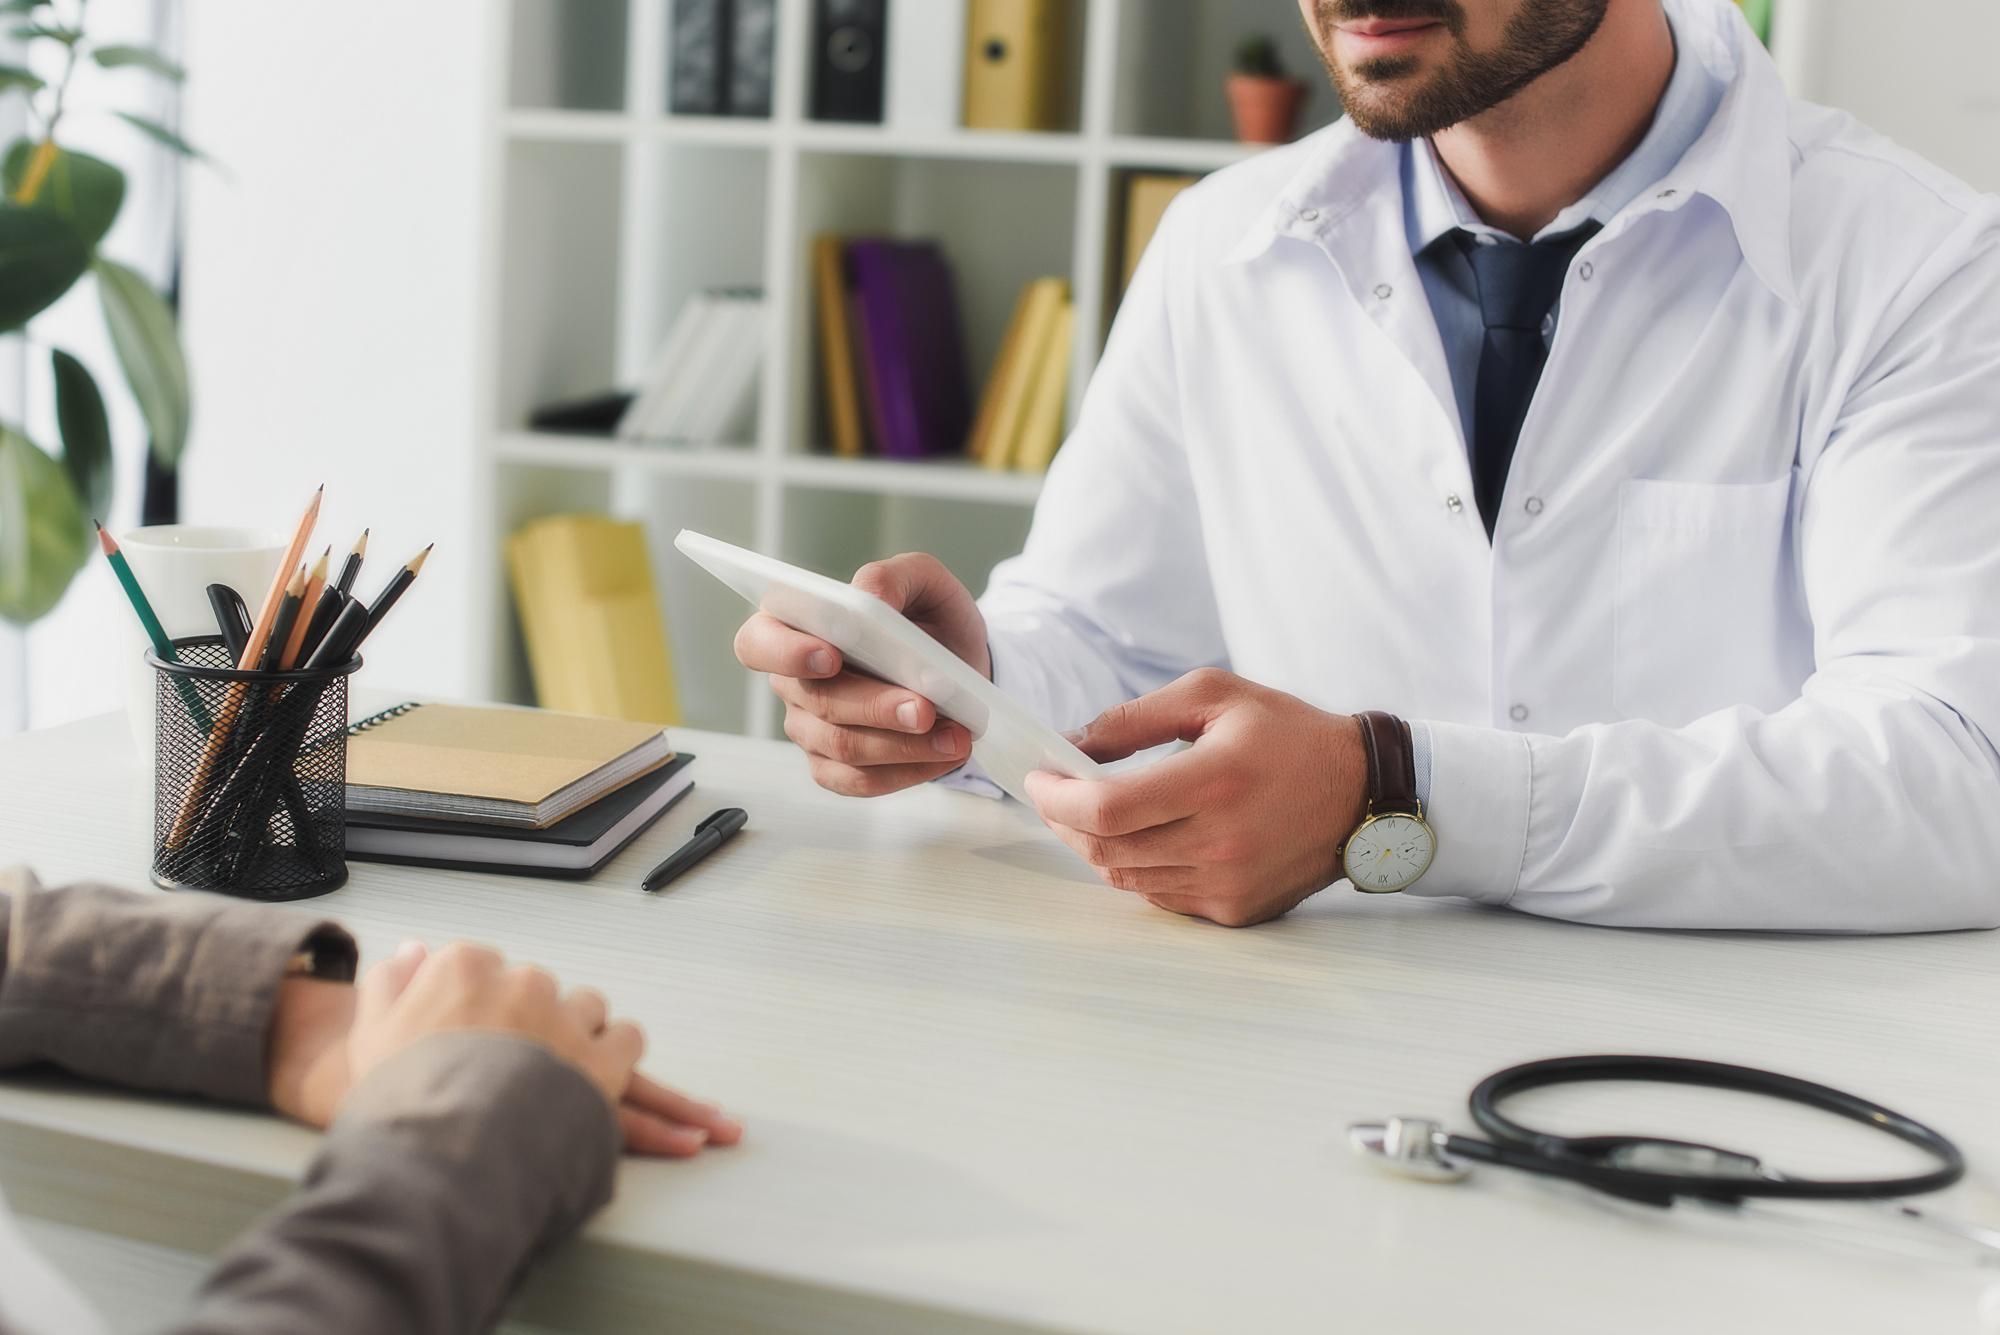 Что нужно знать о сердечно-сосудистых заболеваниях: рекомендации ВОЗ